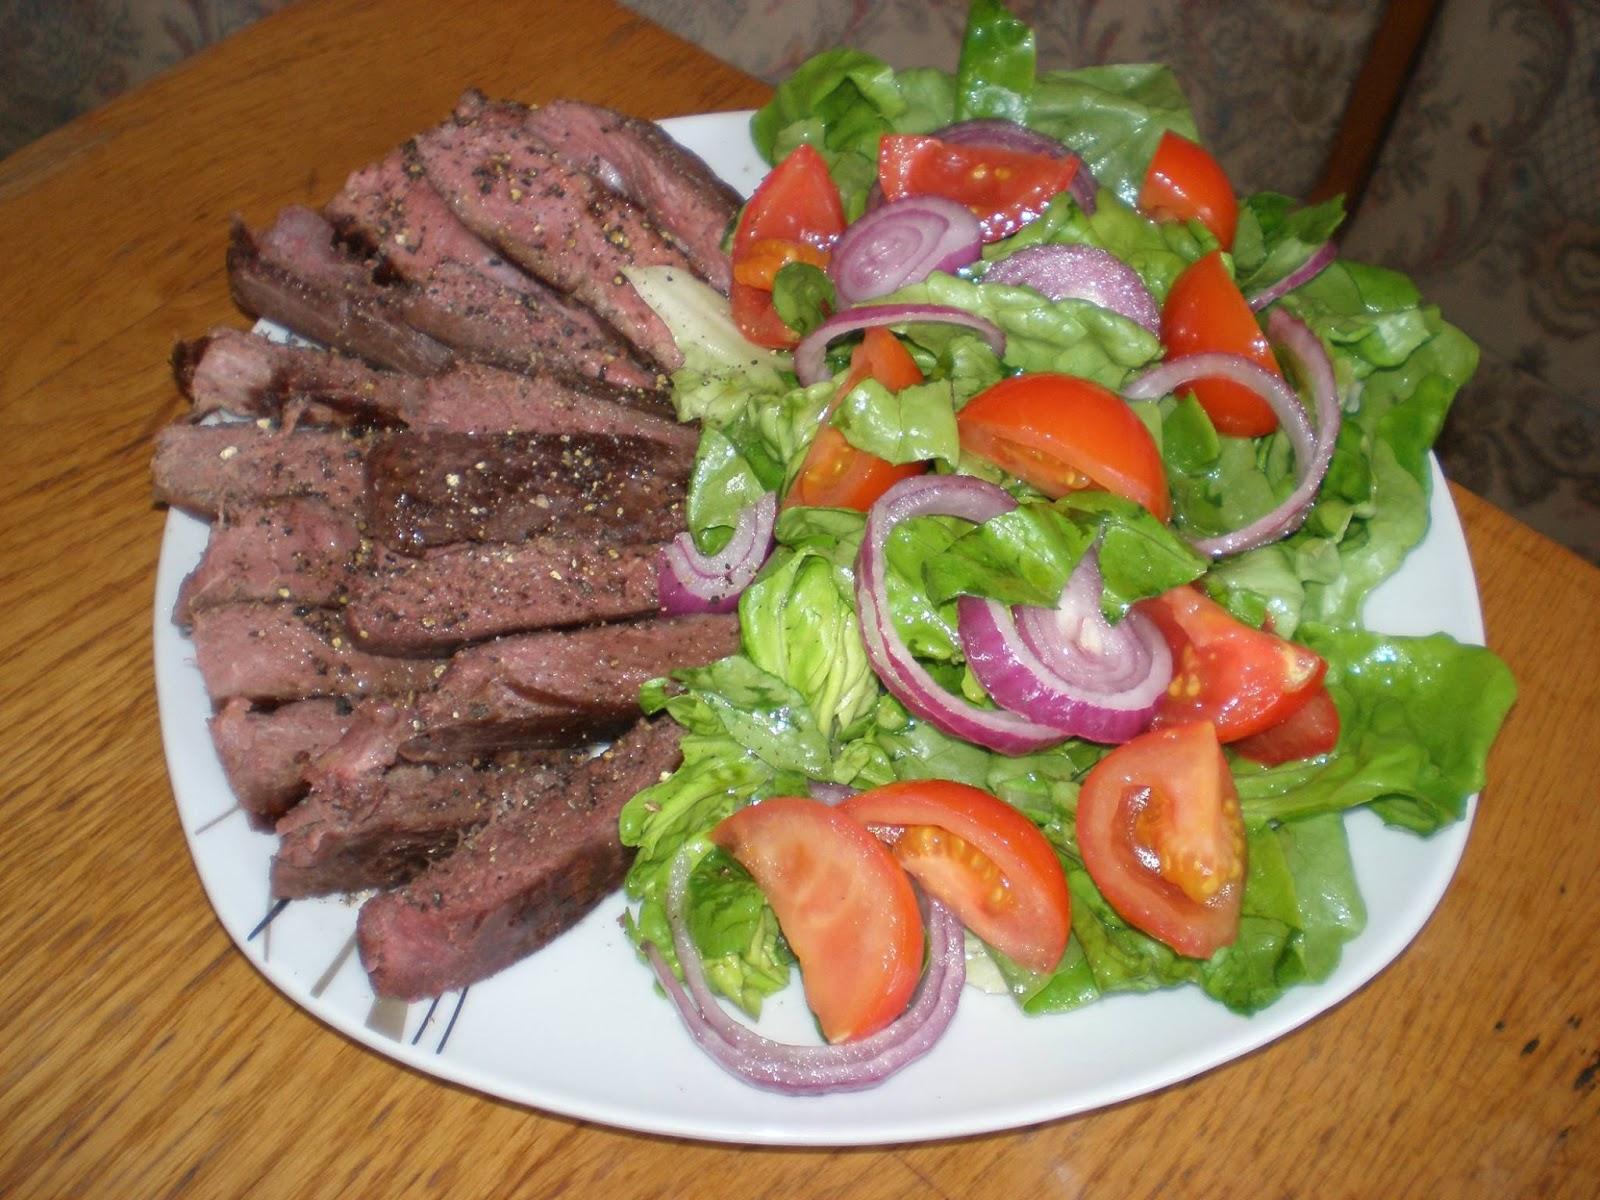 Piept de struț (mediu făcut) și salată verde